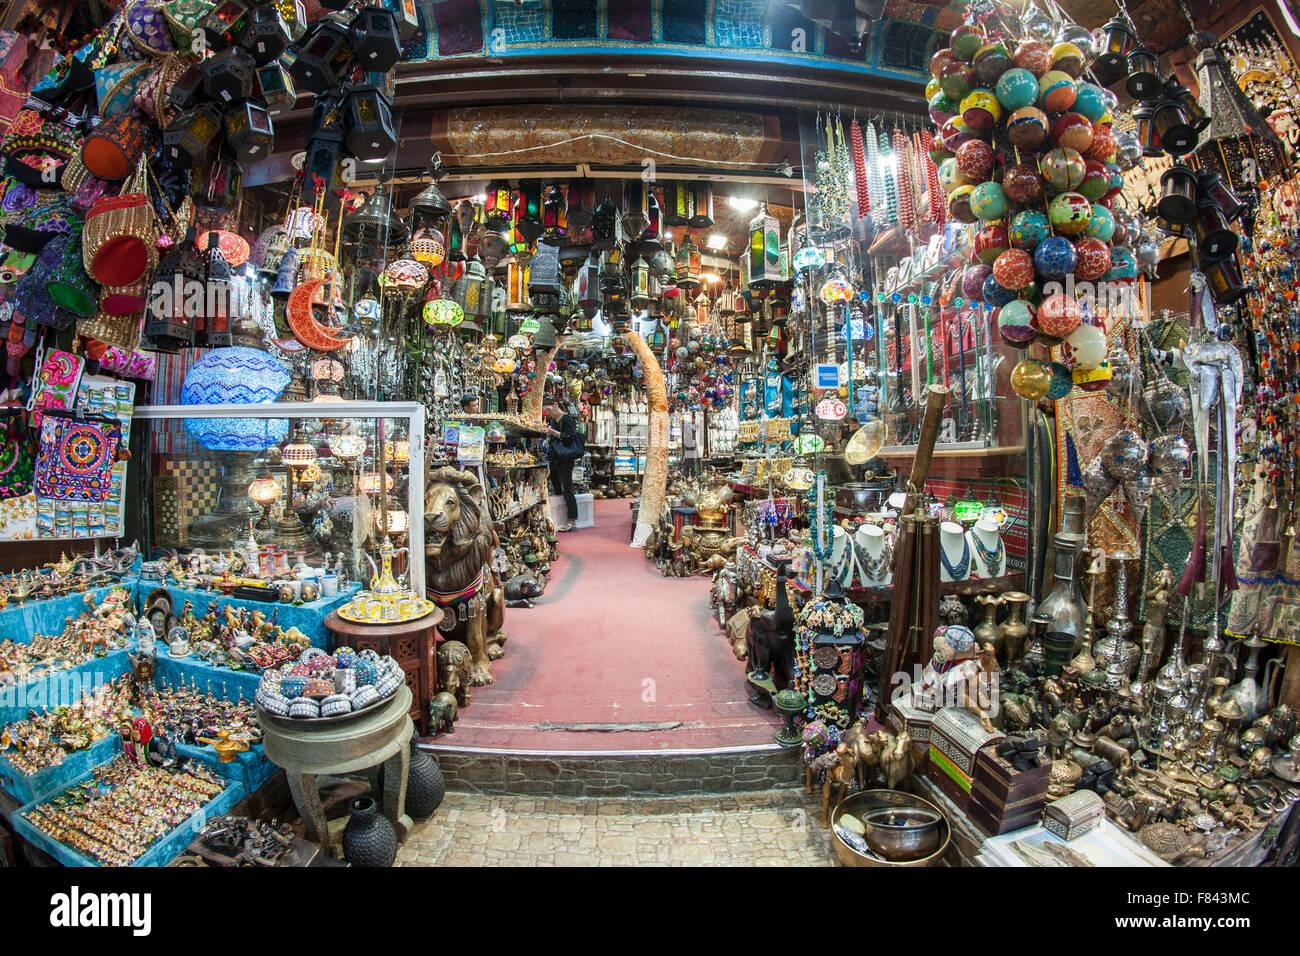 Curiosità in vendita in la Mutrah souk in Muscat, la capitale del sultanato di Oman. Immagini Stock